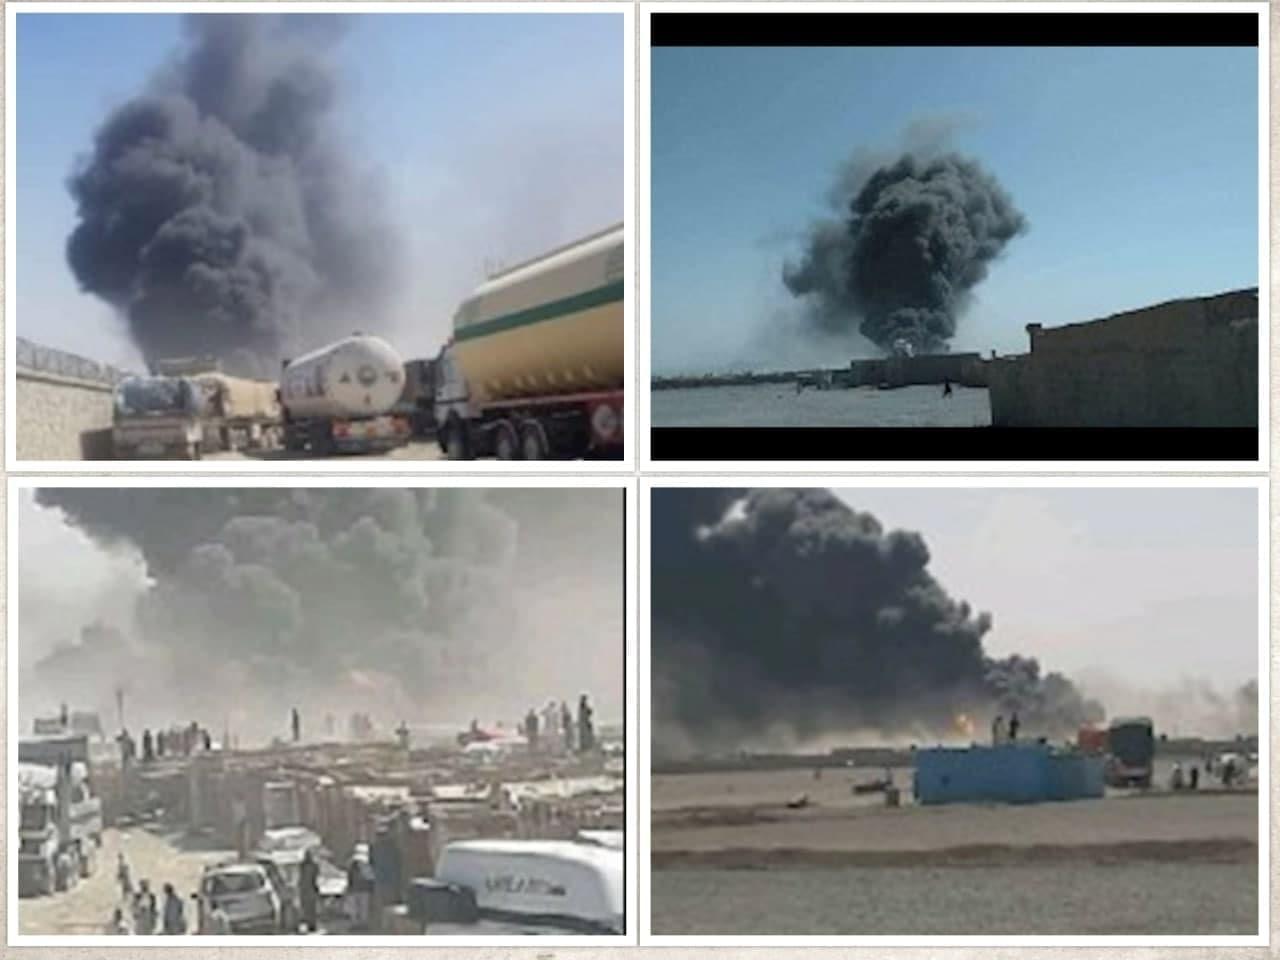 آتش سوزی در گمرک مرزی افغانستان با ایران